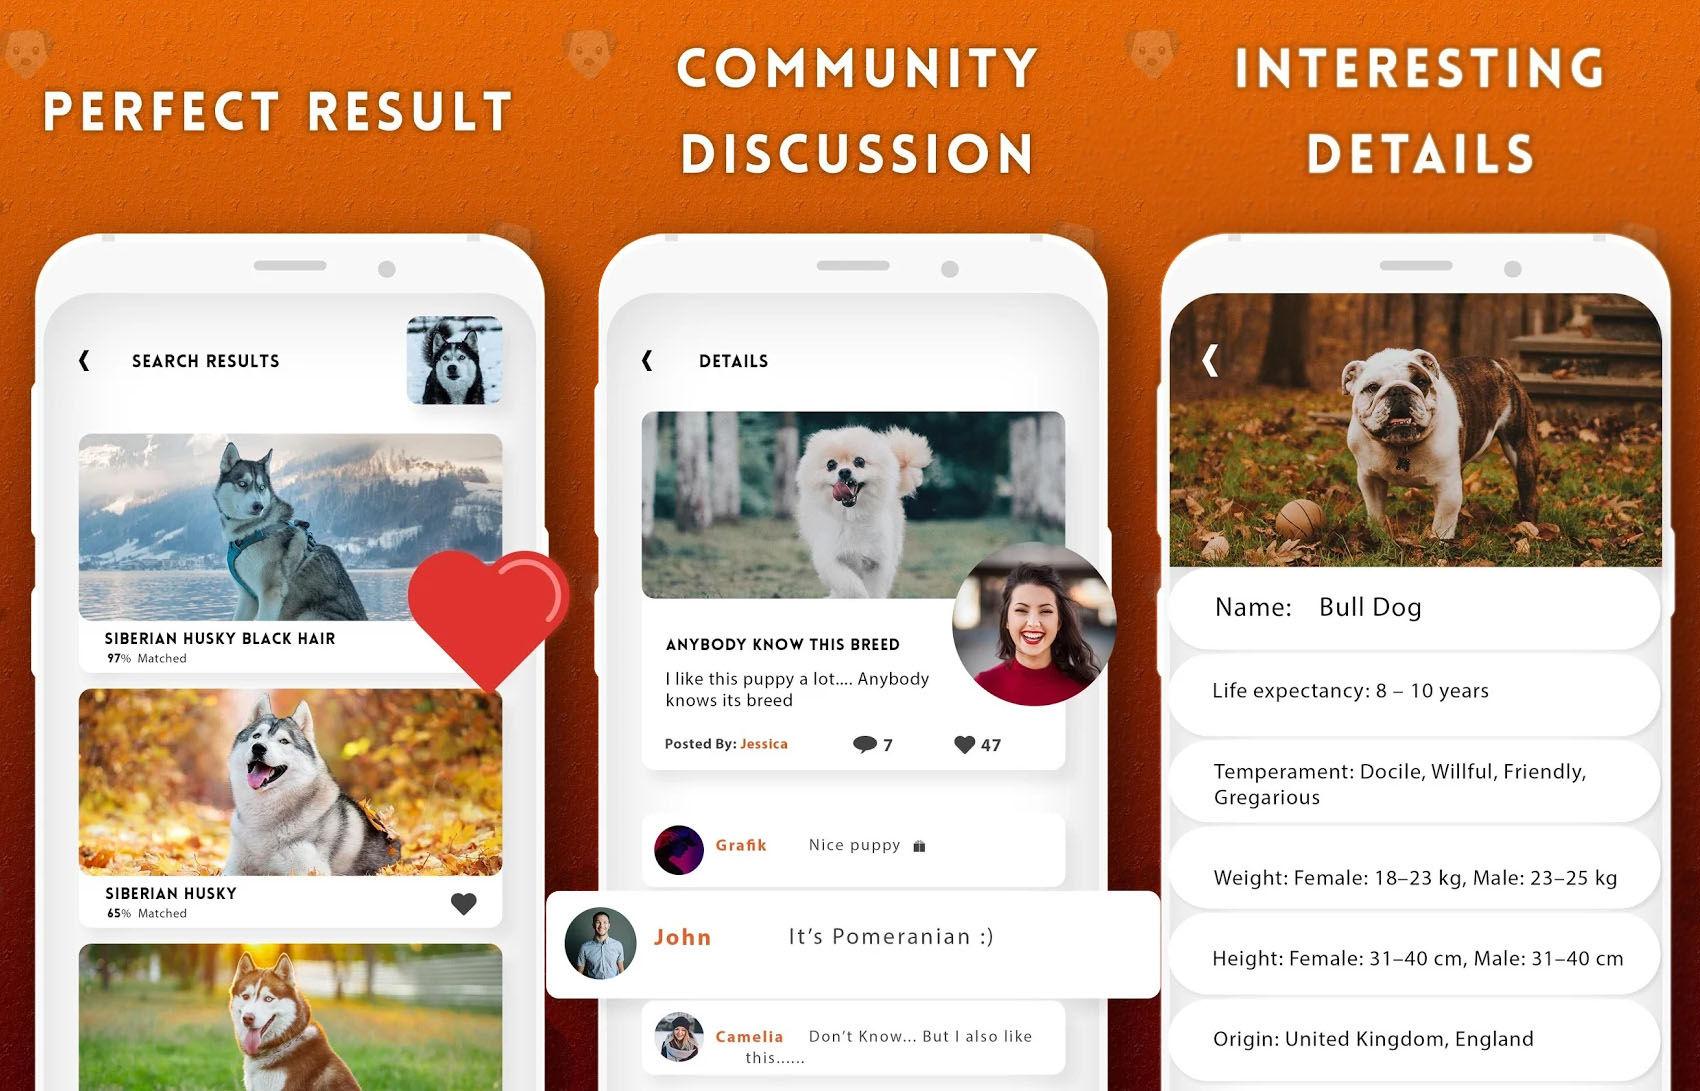 Esta app para identificar razas caninas incorpora un foro de discusión comunitario para hablar sobre perros